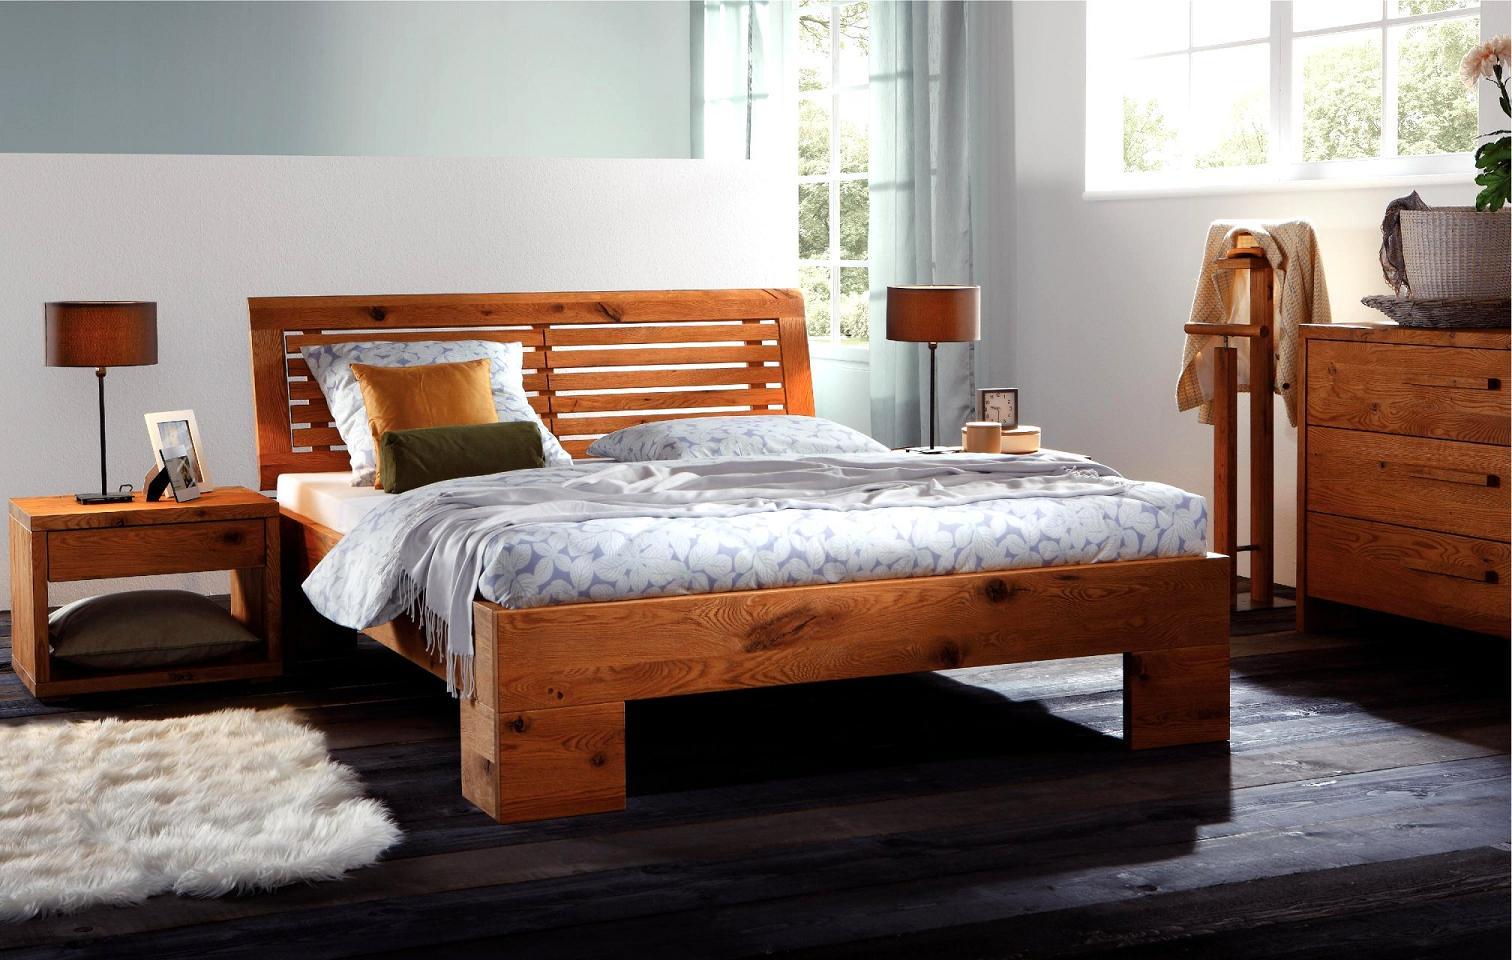 Oak-Line Wild (massiv) - Oak-Line Wild Betten - günstig kaufen ...